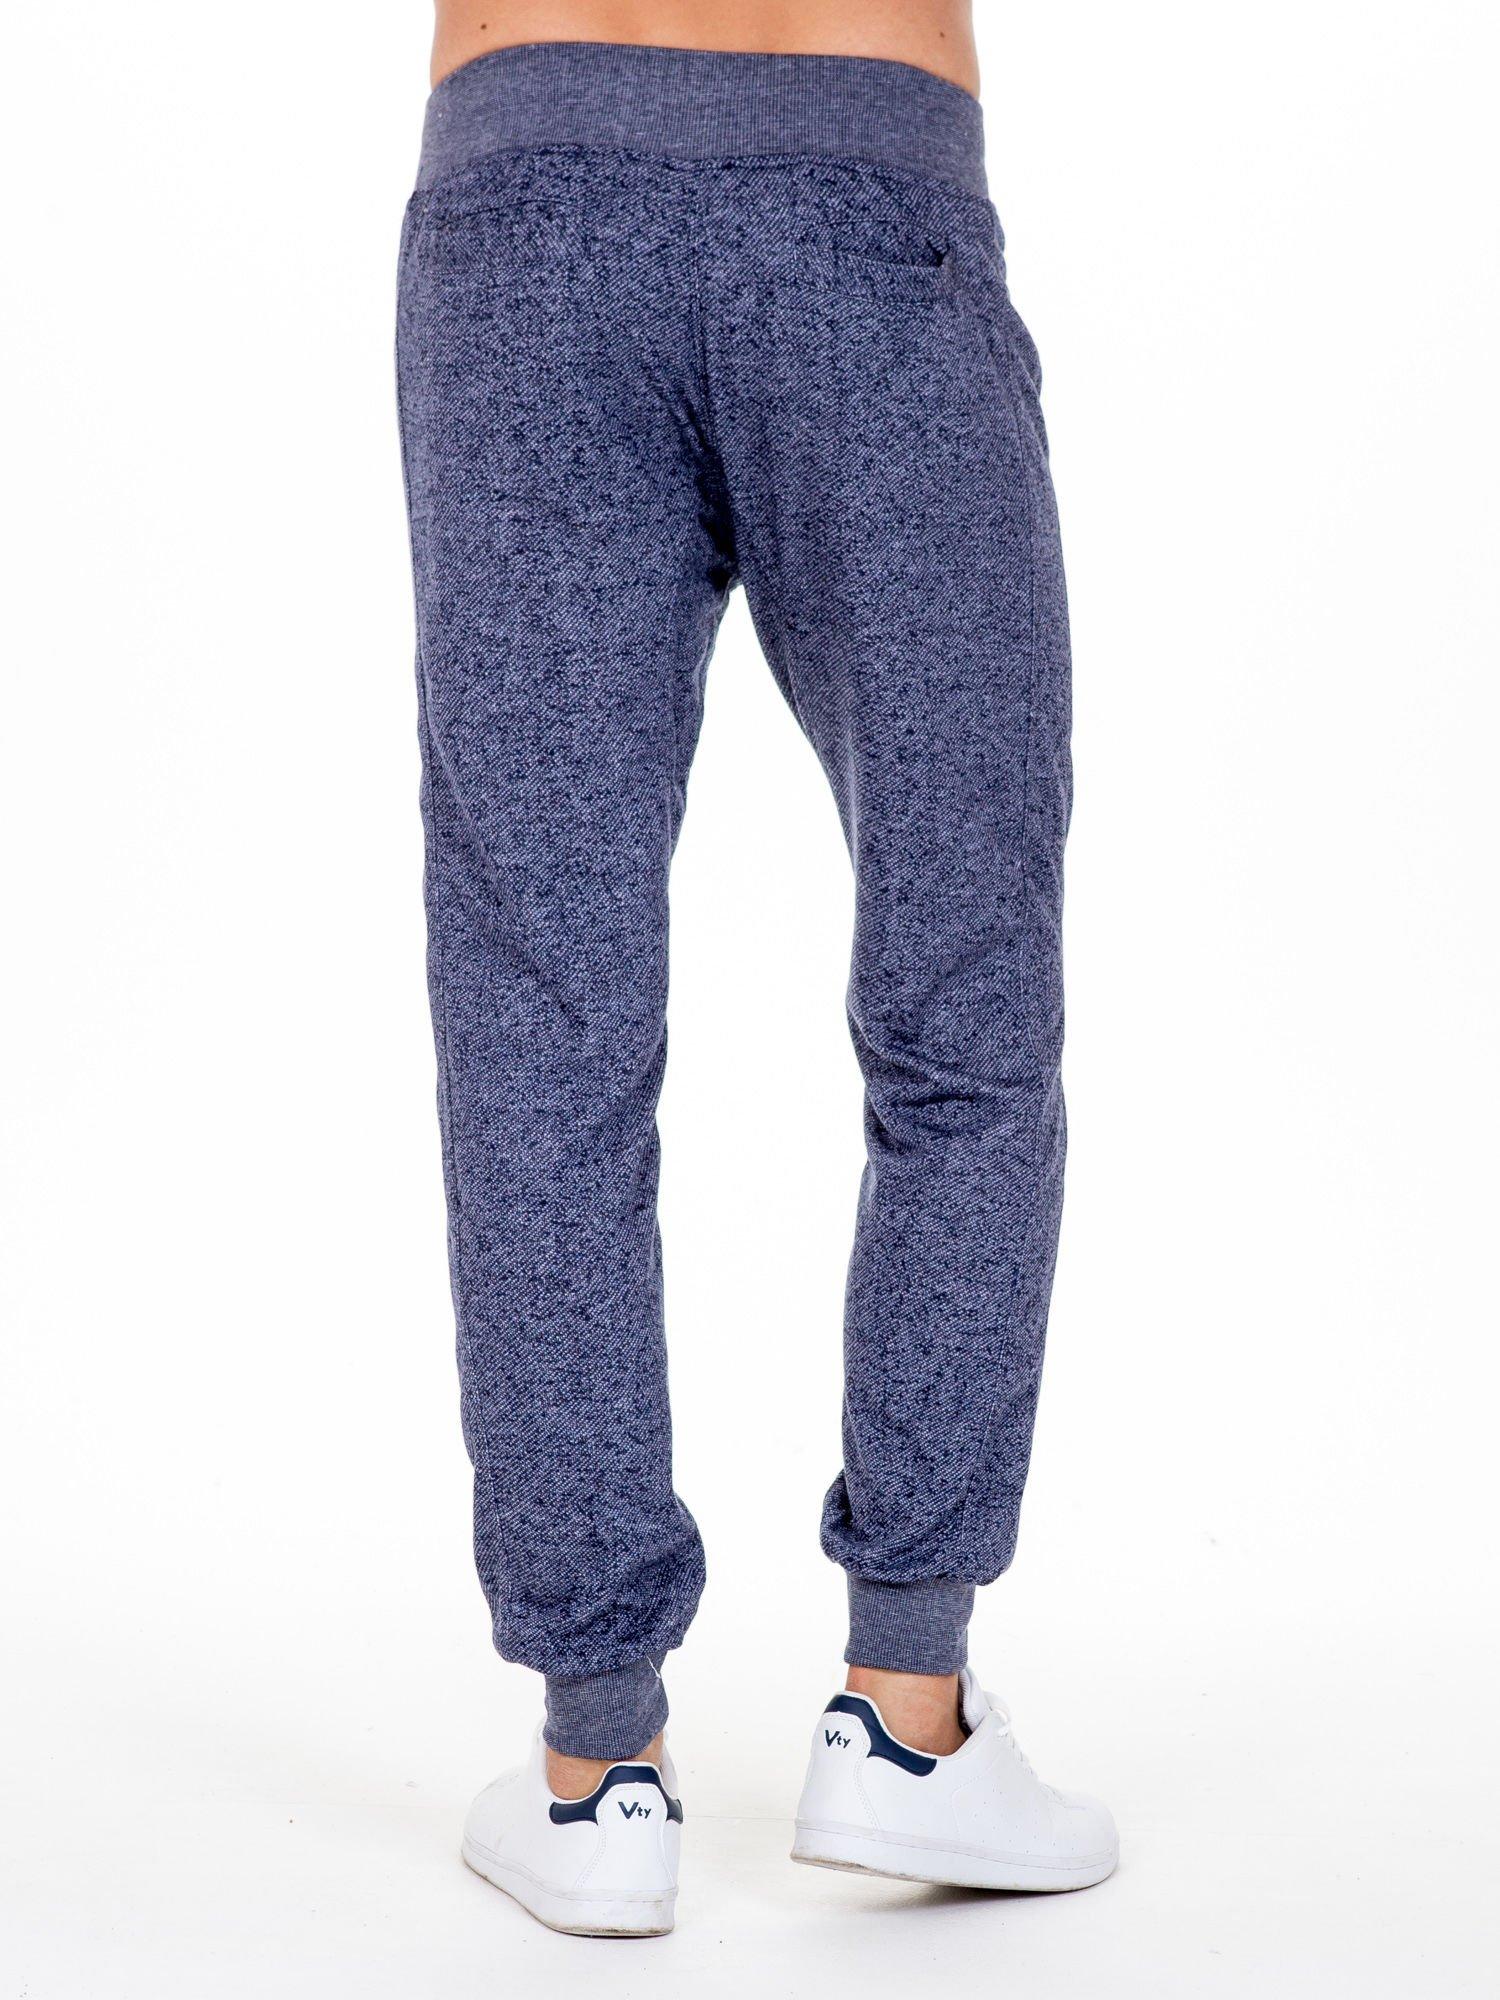 Granatowe melanżowe spodnie męskie z trokami i kieszeniami                                  zdj.                                  2